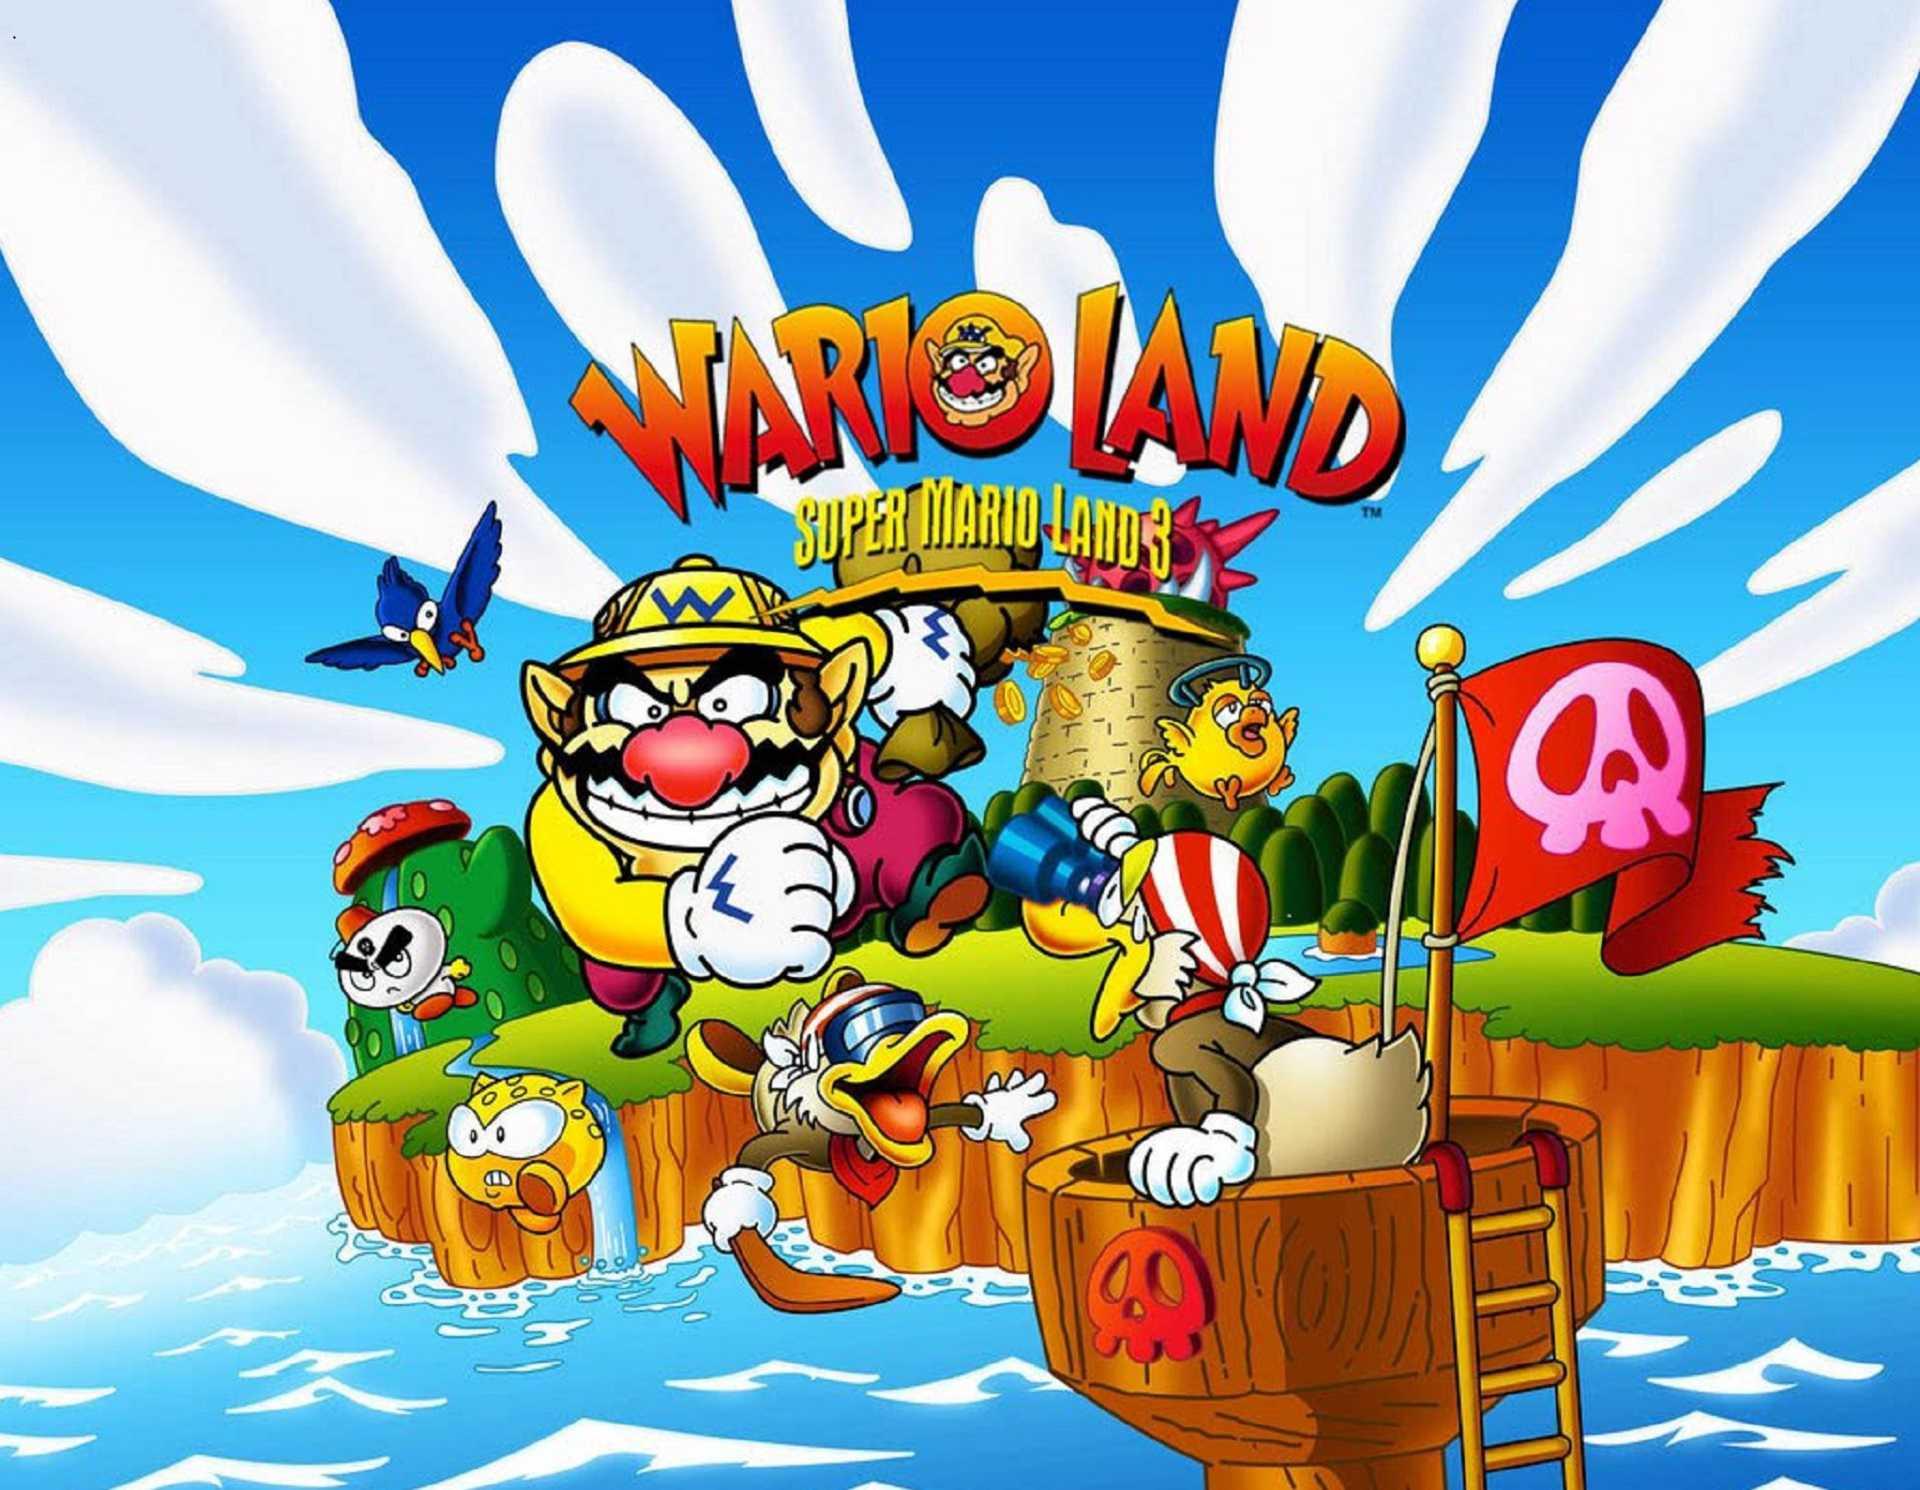 Namensgeschichte der Nintendo-Charaktere: Wario, der Anti-Mario